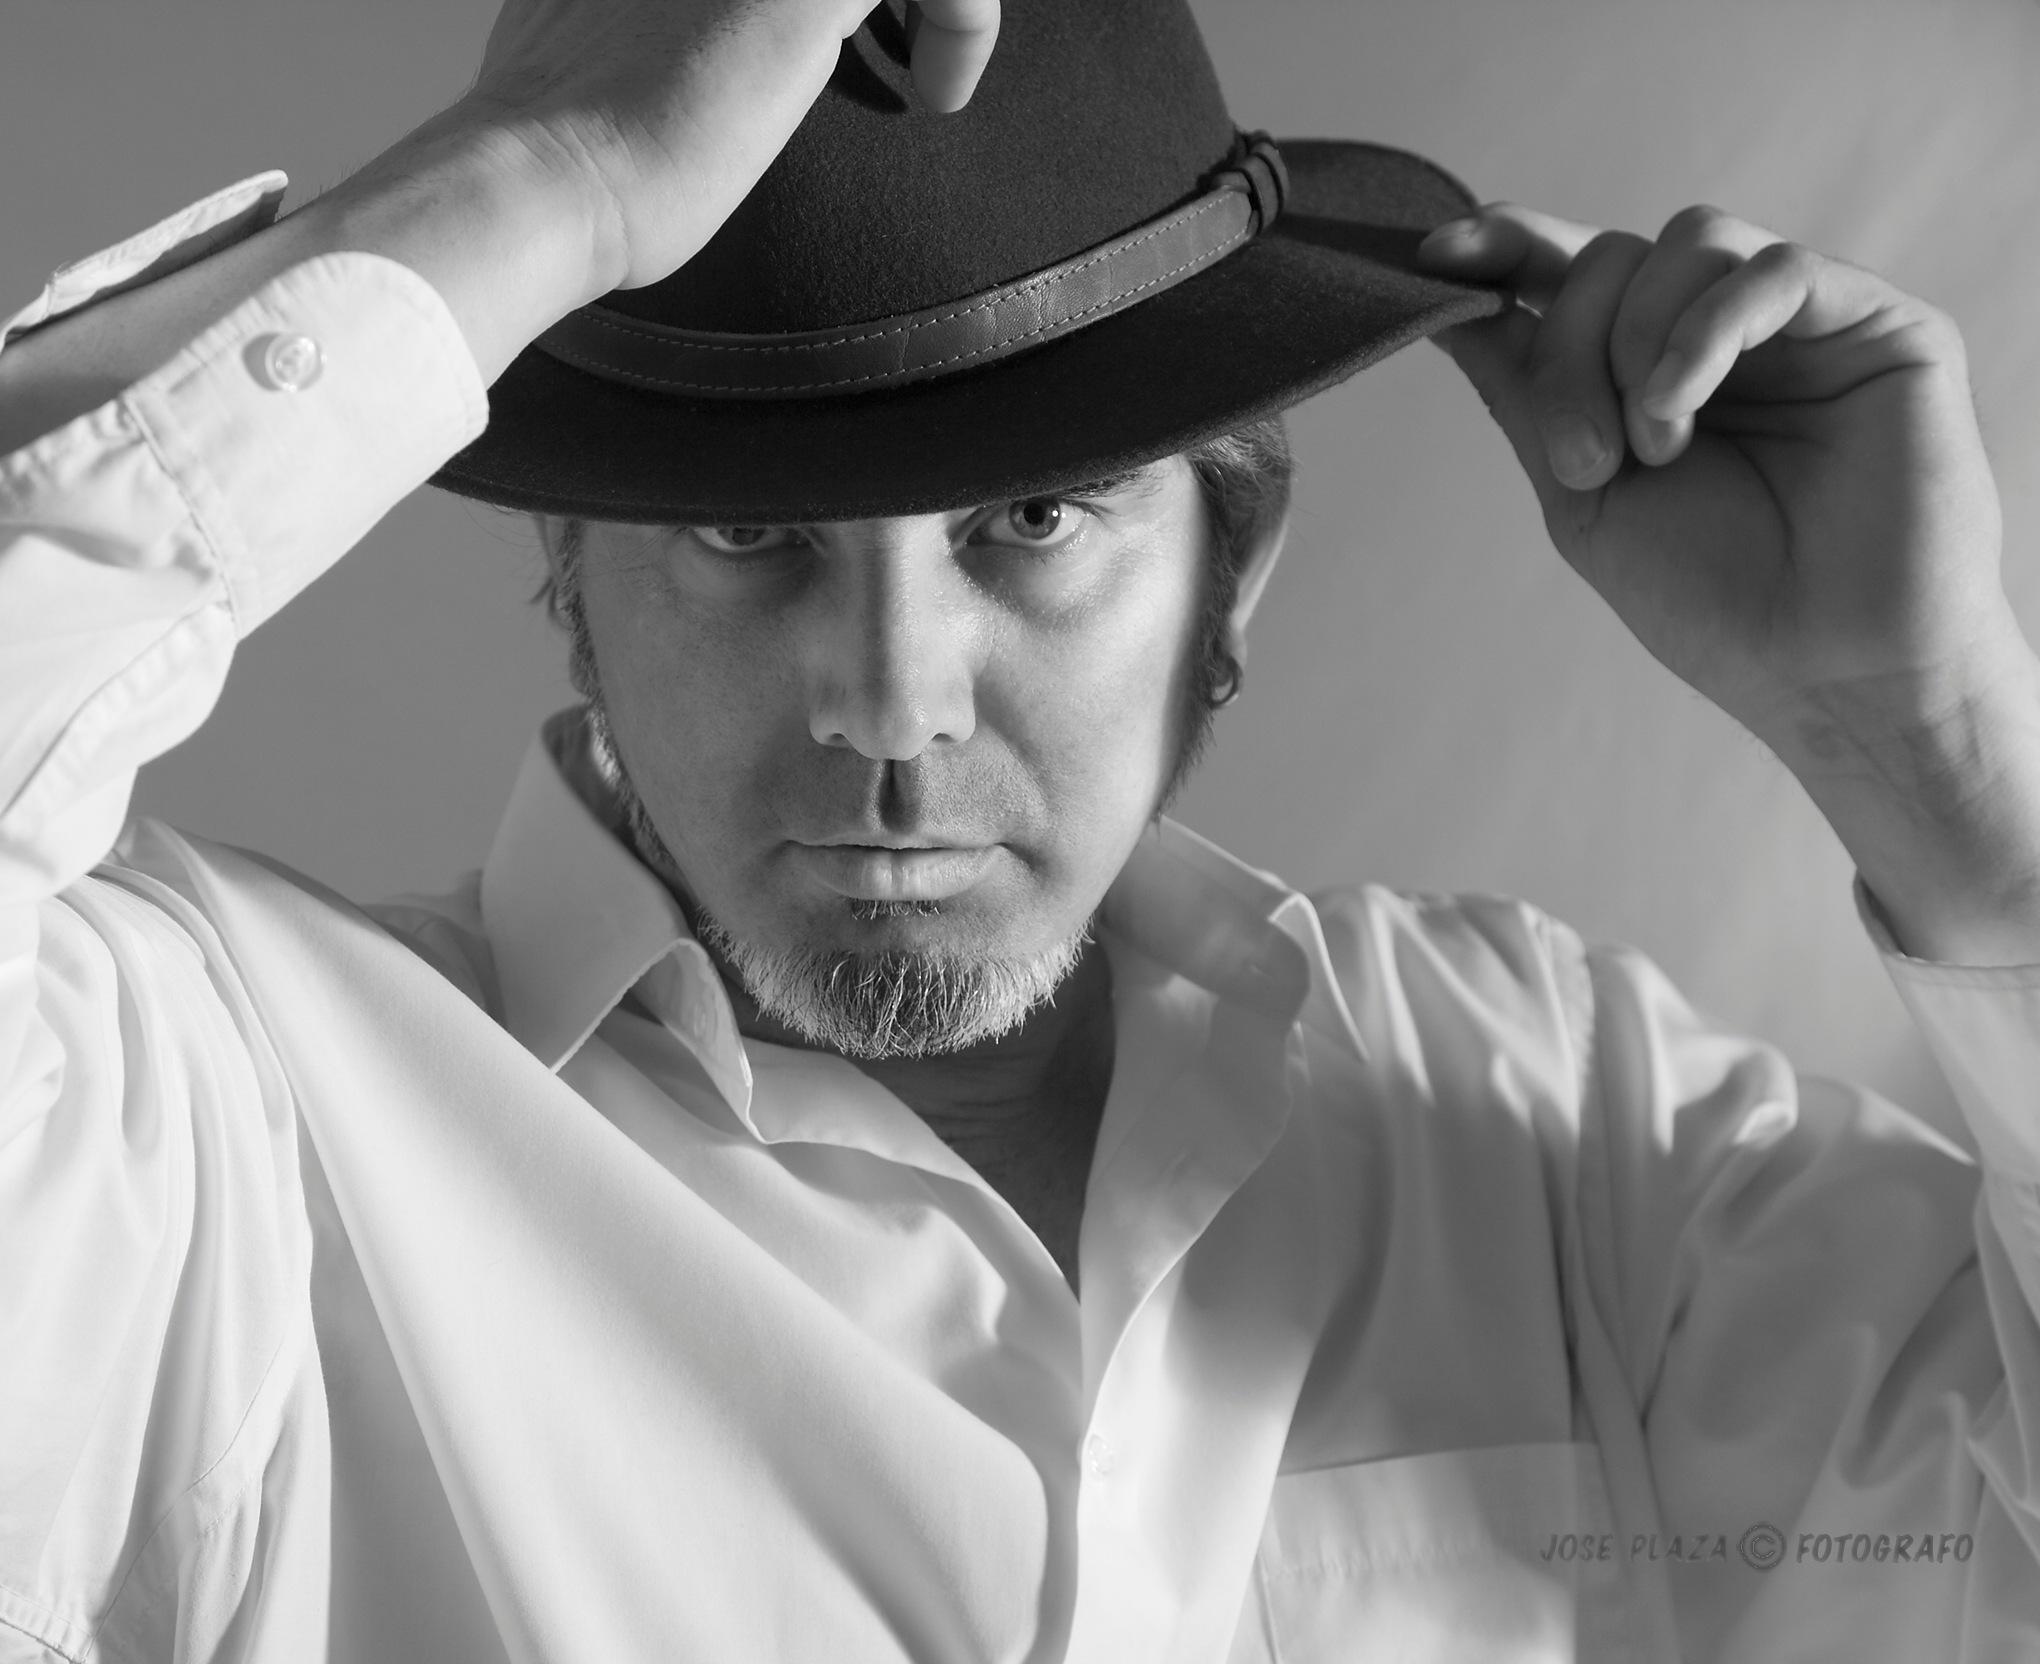 Mario con sombrero by JosePlaza